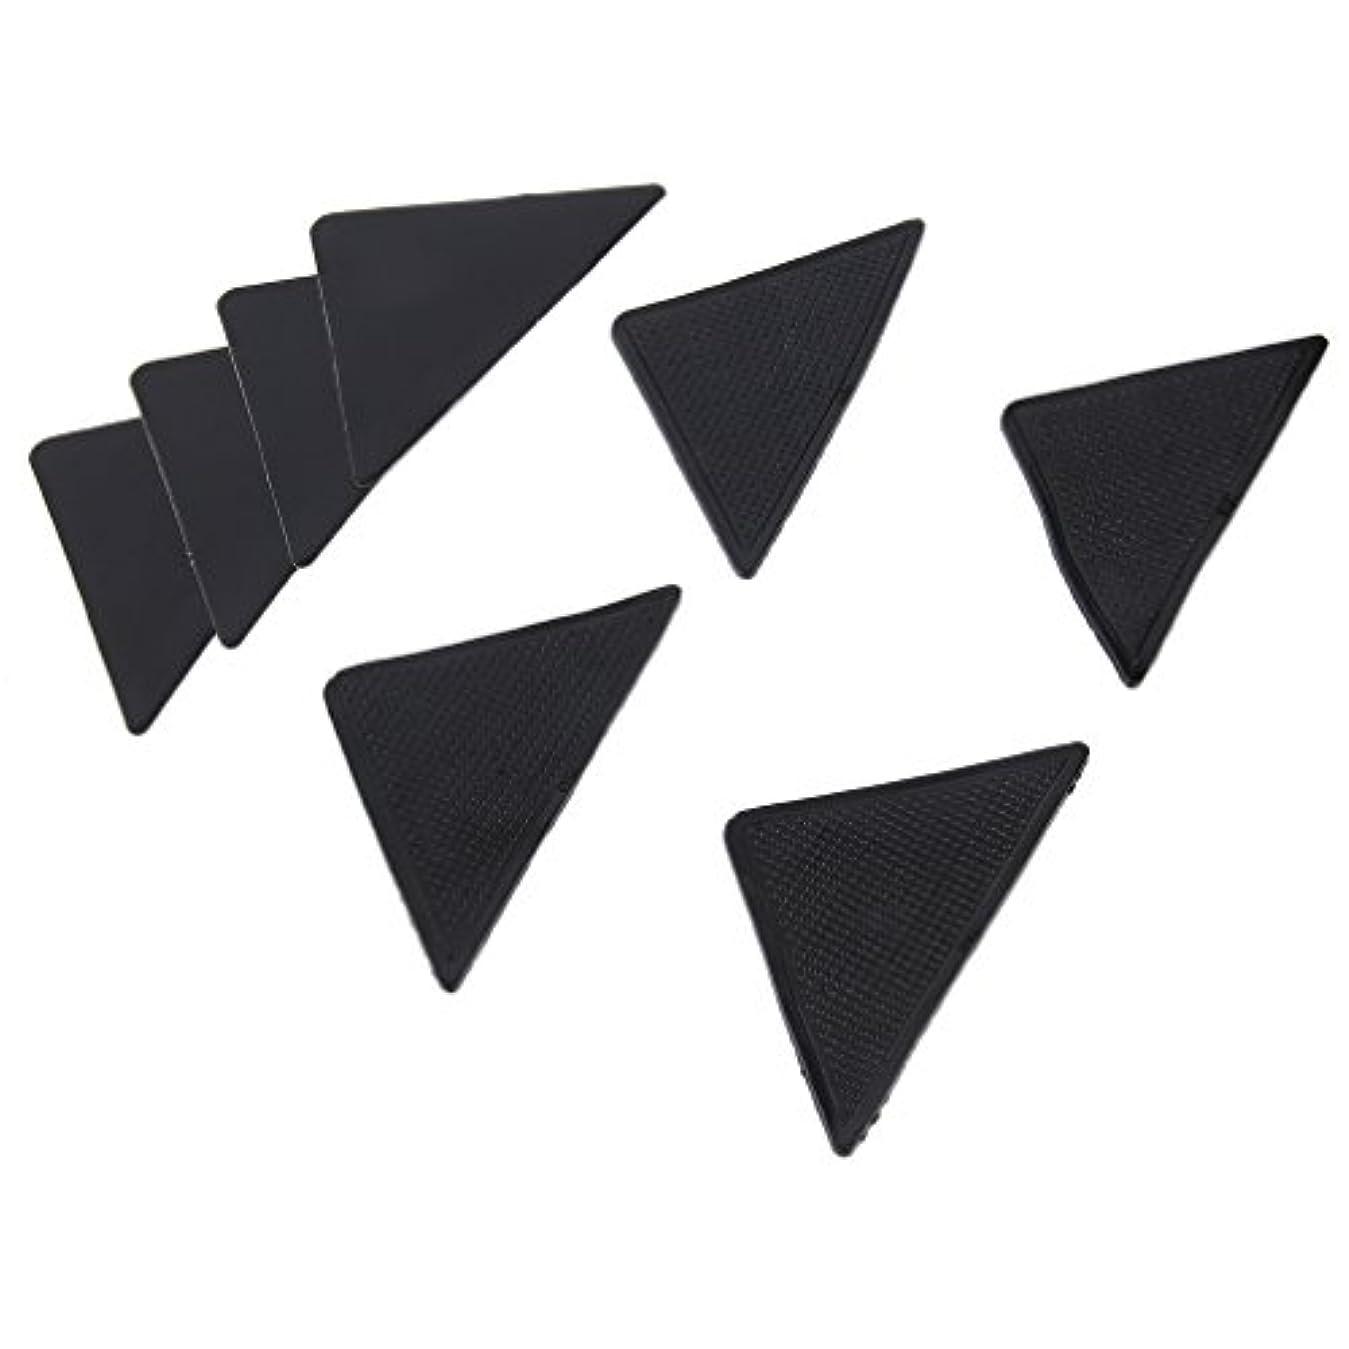 鋸歯状高価な理解する4 pcs Rug Carpet Mat Grippers Non Slip Anti Skid Reusable Silicone Grip Pads